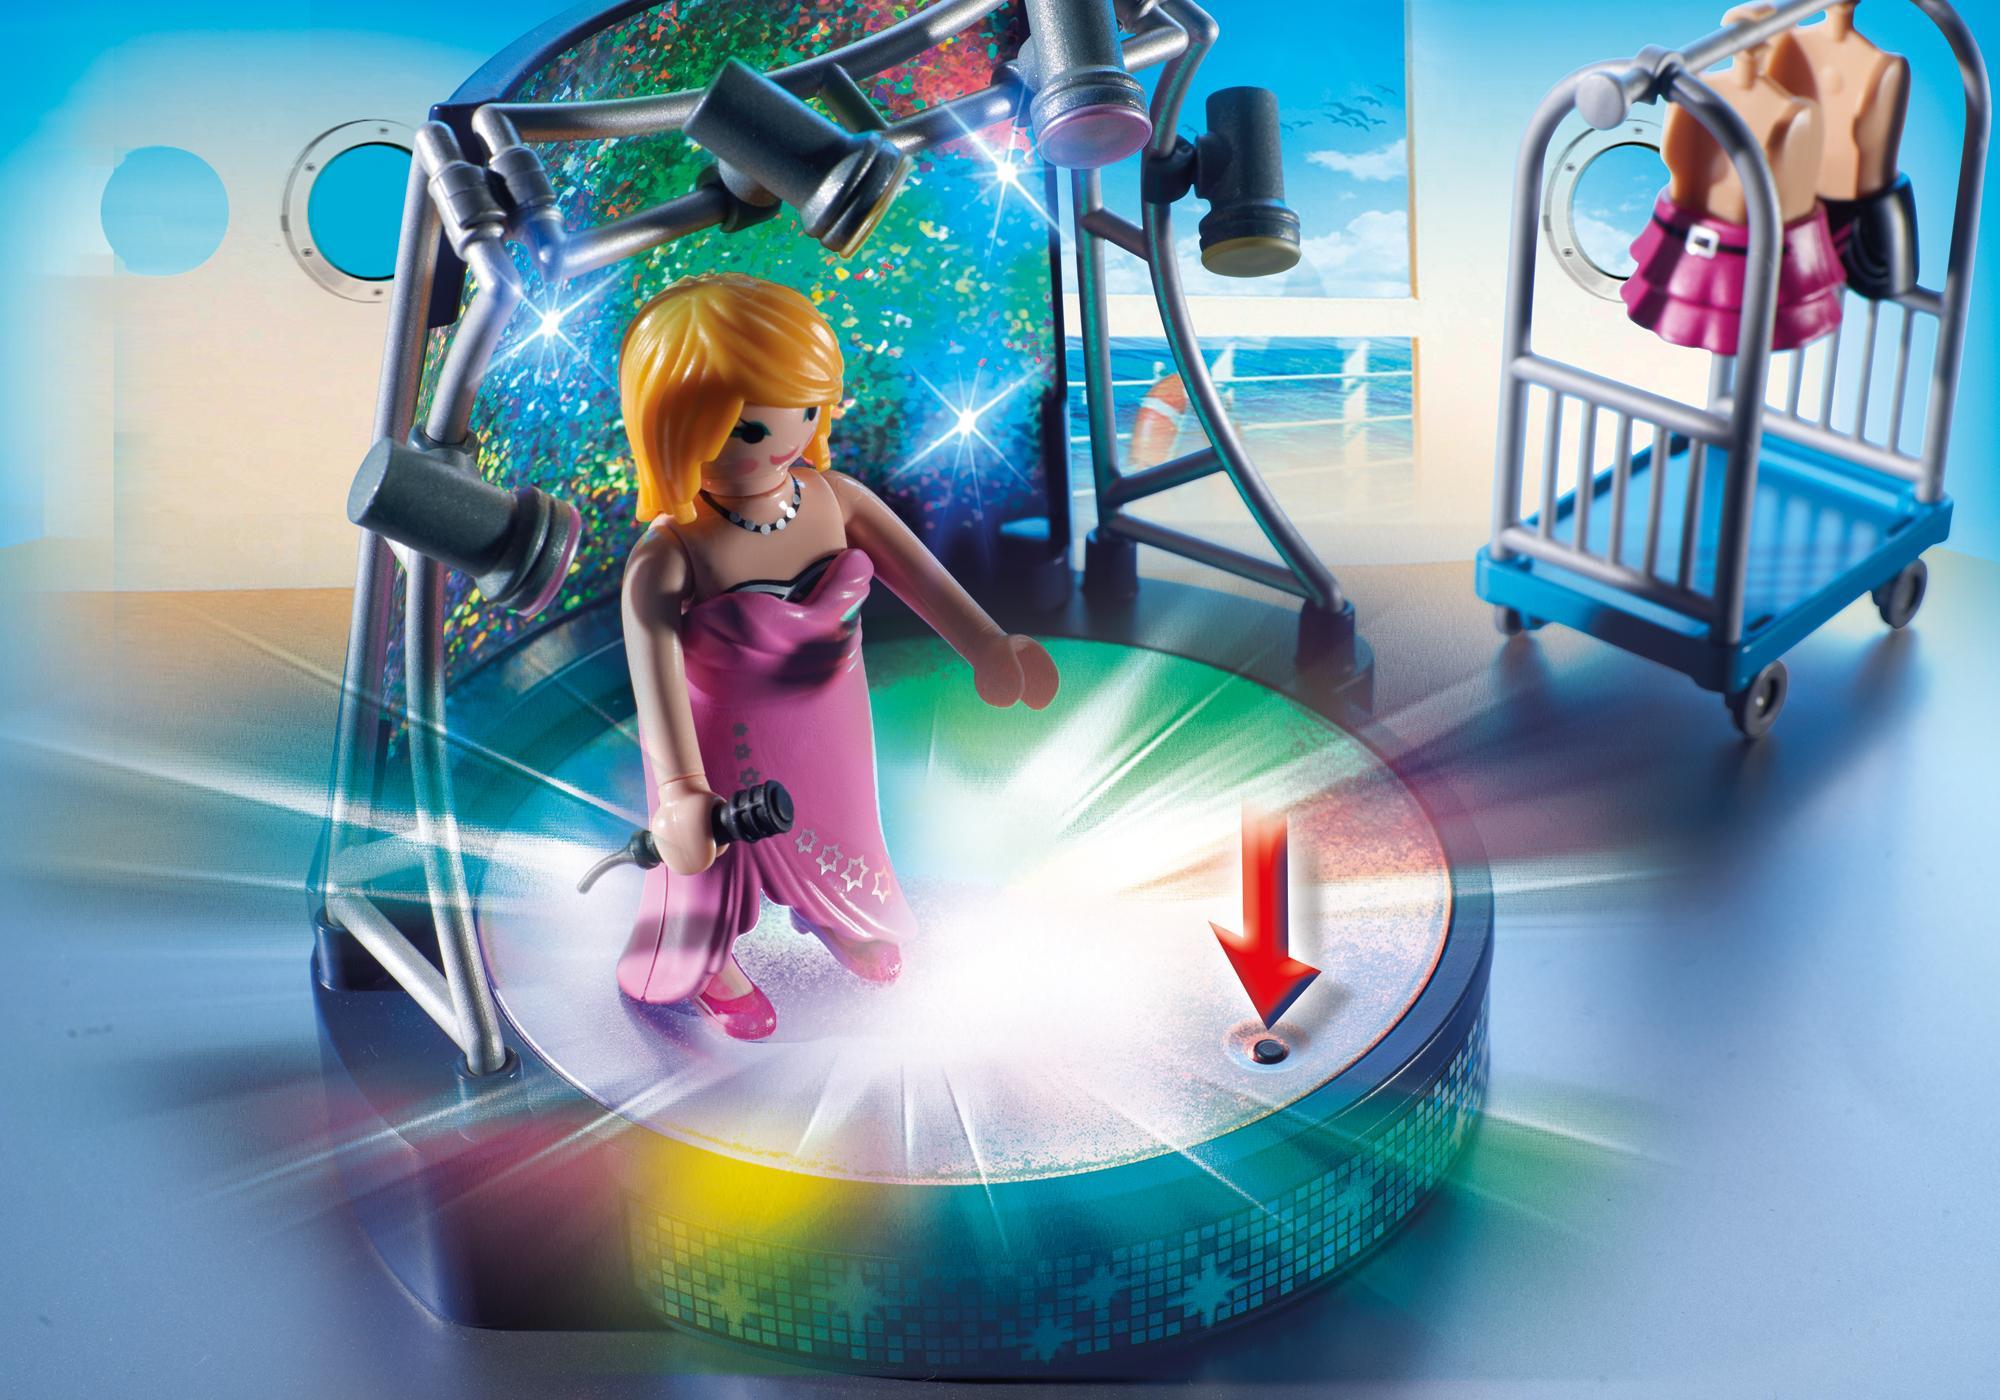 http://media.playmobil.com/i/playmobil/6983_product_extra2/Discoteca com Cantora